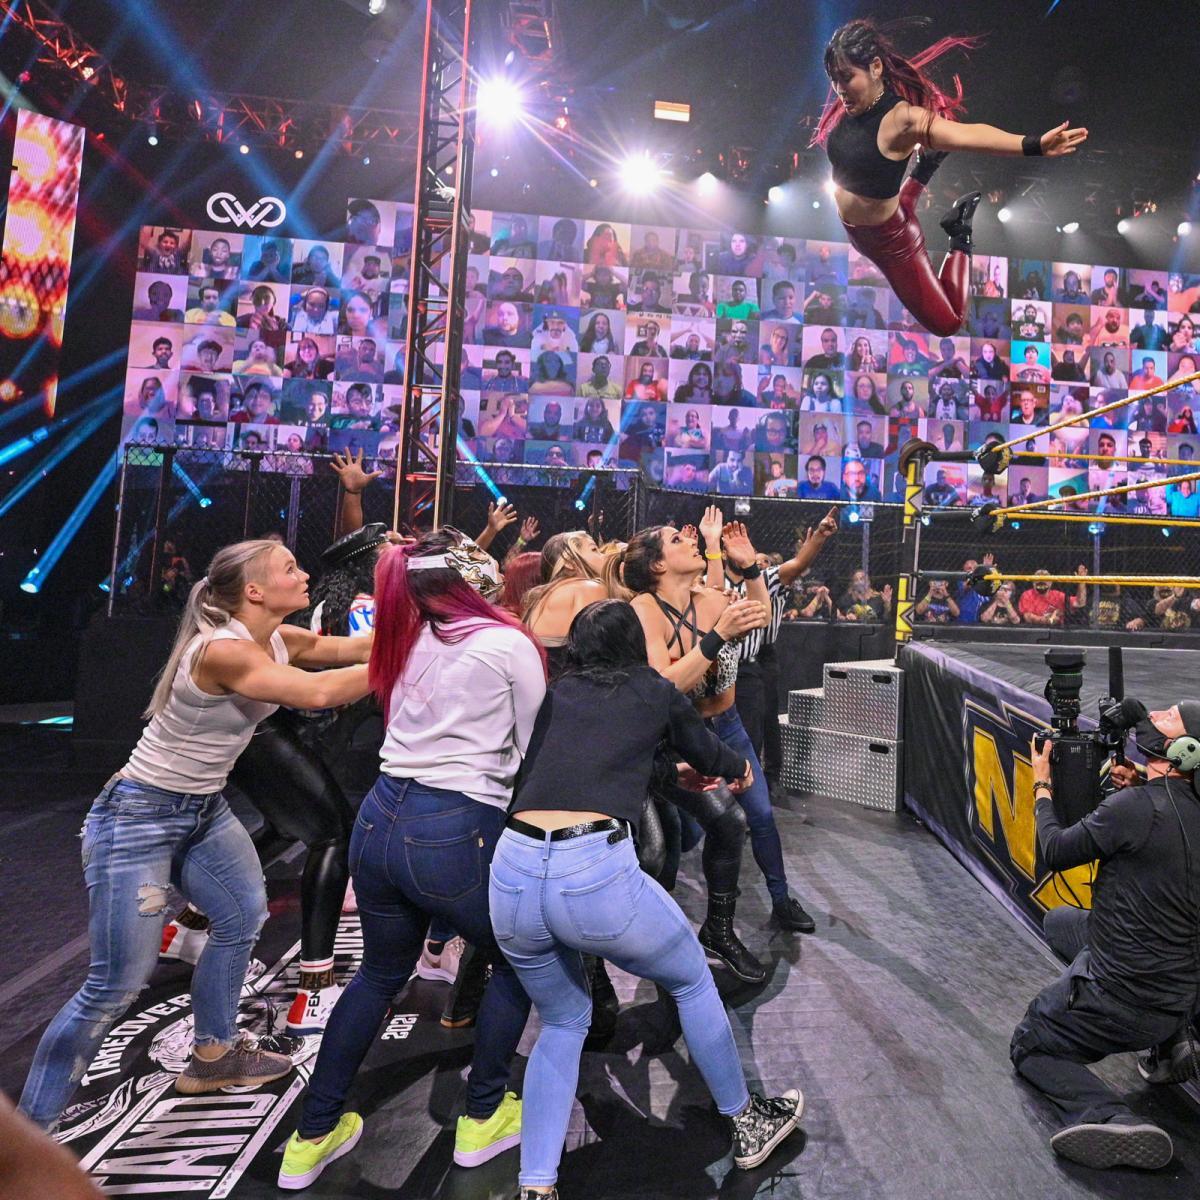 乱闘を止めに入った選手とラケル・ゴンザレス(中央)に向け、ボディープレスを放ったNXT女子王者紫雷イオ(右上)(C)2021 WWE, Inc. All Rights Reserved.